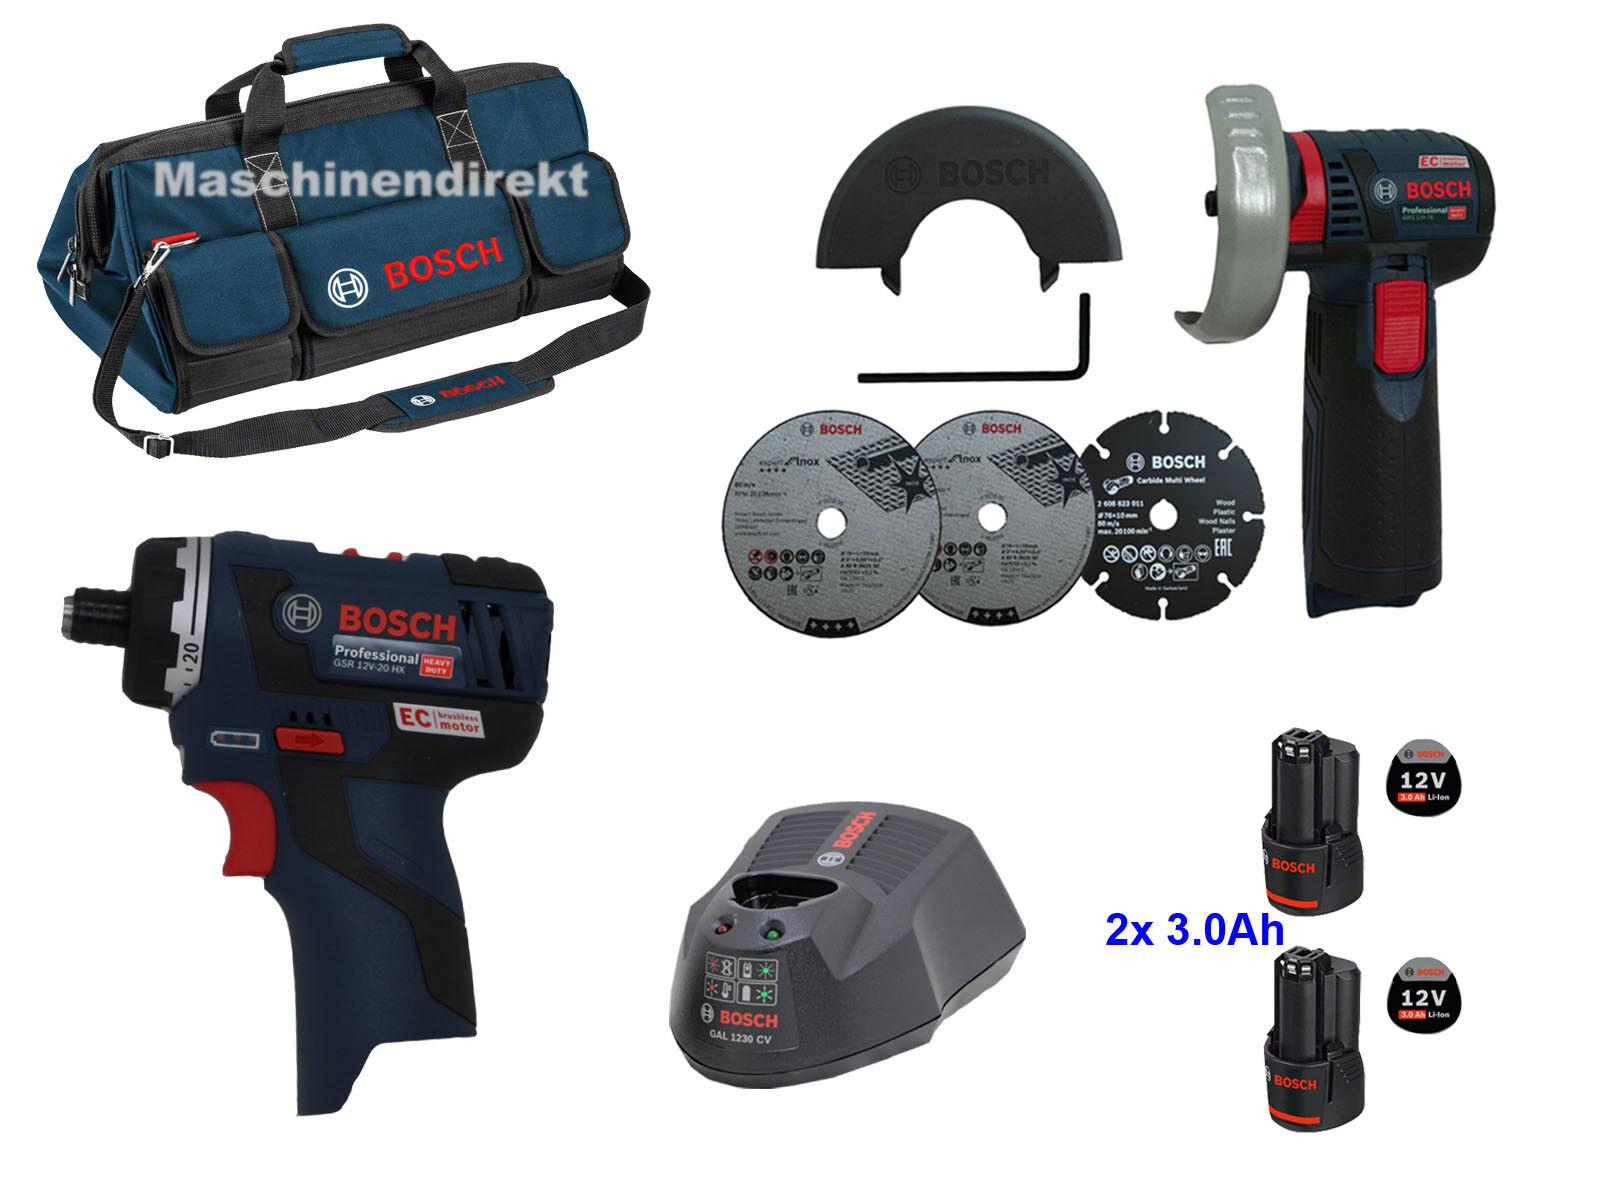 Bosch Akku Schrauber GSR 12V-20 HX + Akku Winkelschleifer GWS 12V-76 + Tasche